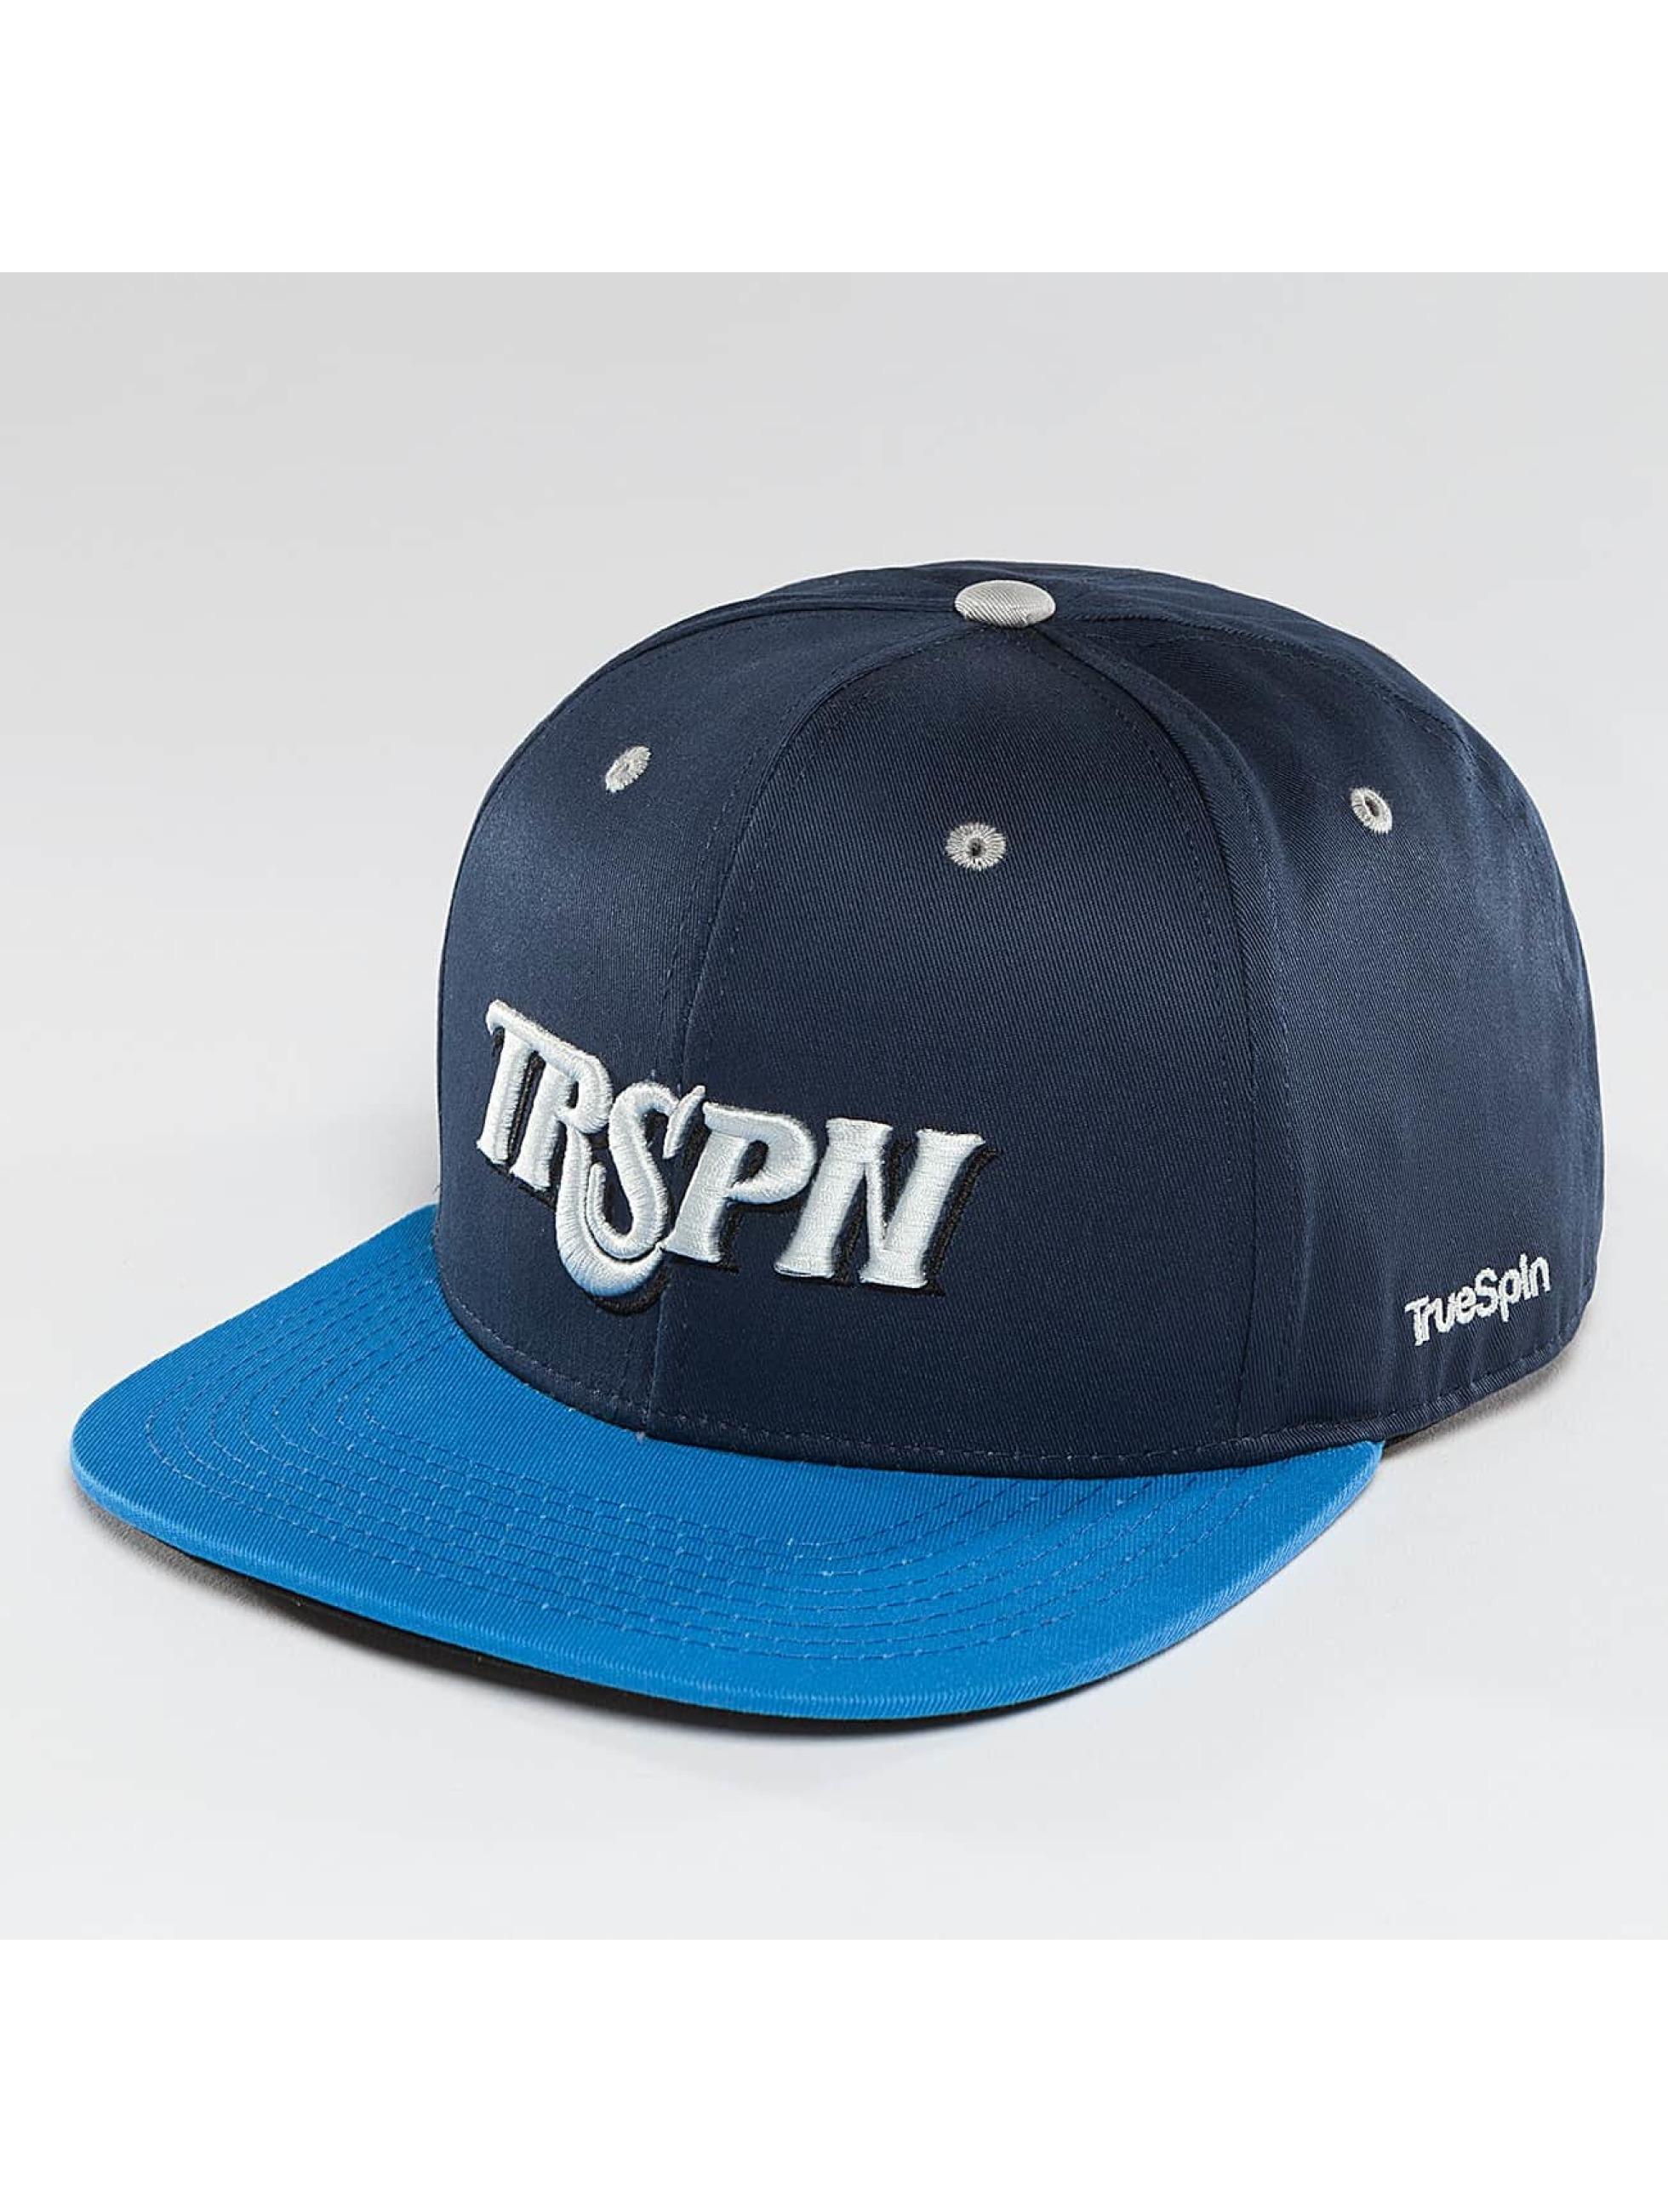 TrueSpin Casquette Snapback & Strapback Team TRSPN bleu